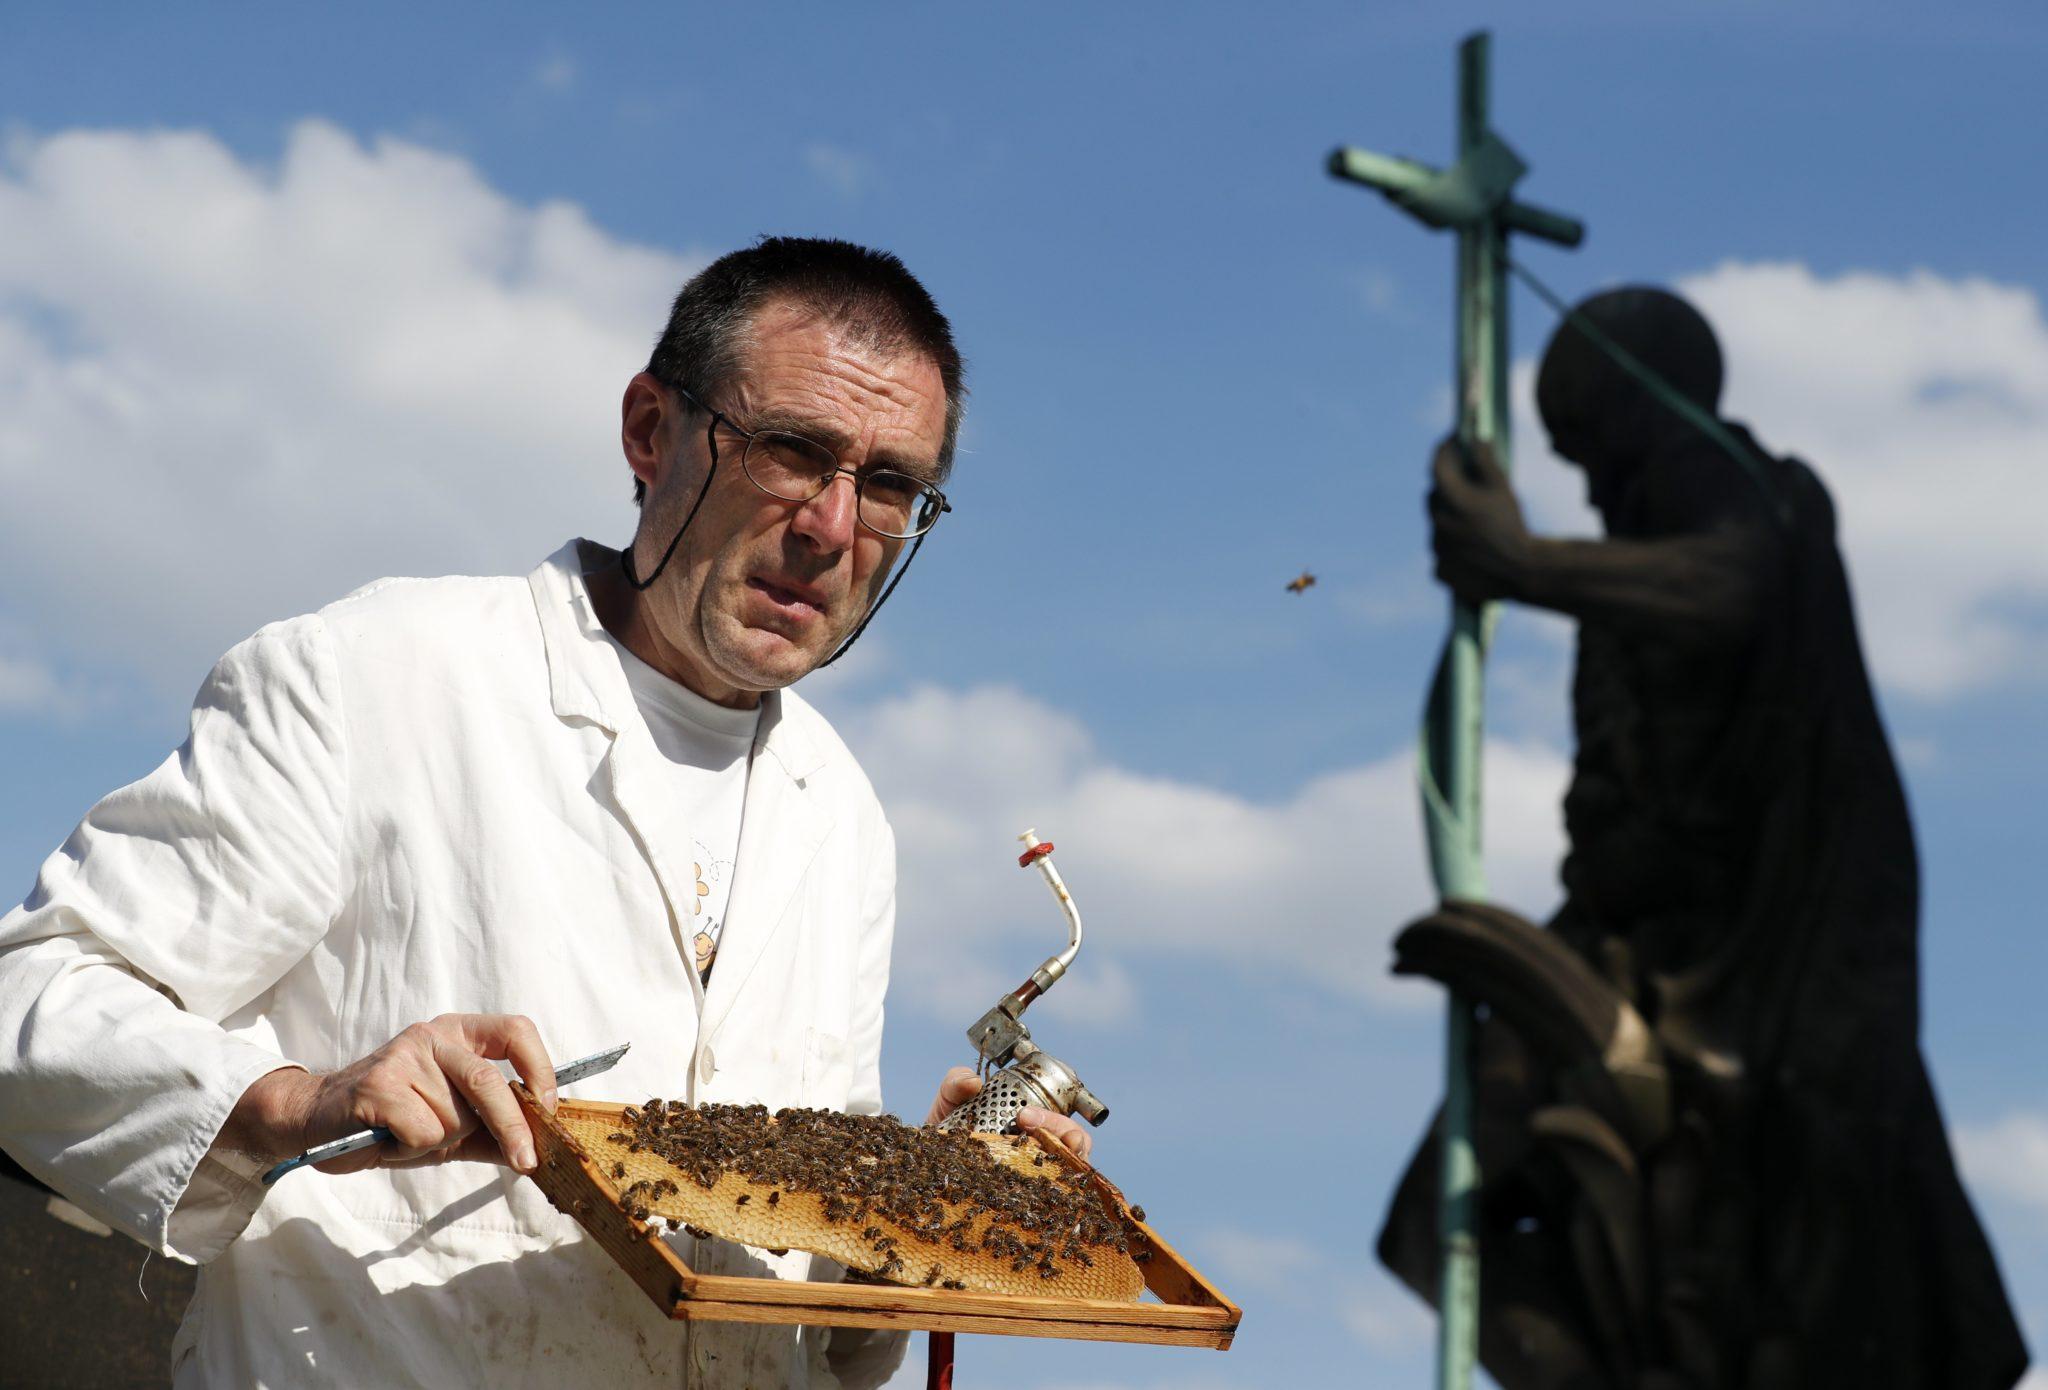 Niemcy: pasieka na dachu berlińskiej katedry (foto. PAP/EPA/FELIPE TRUEBA)